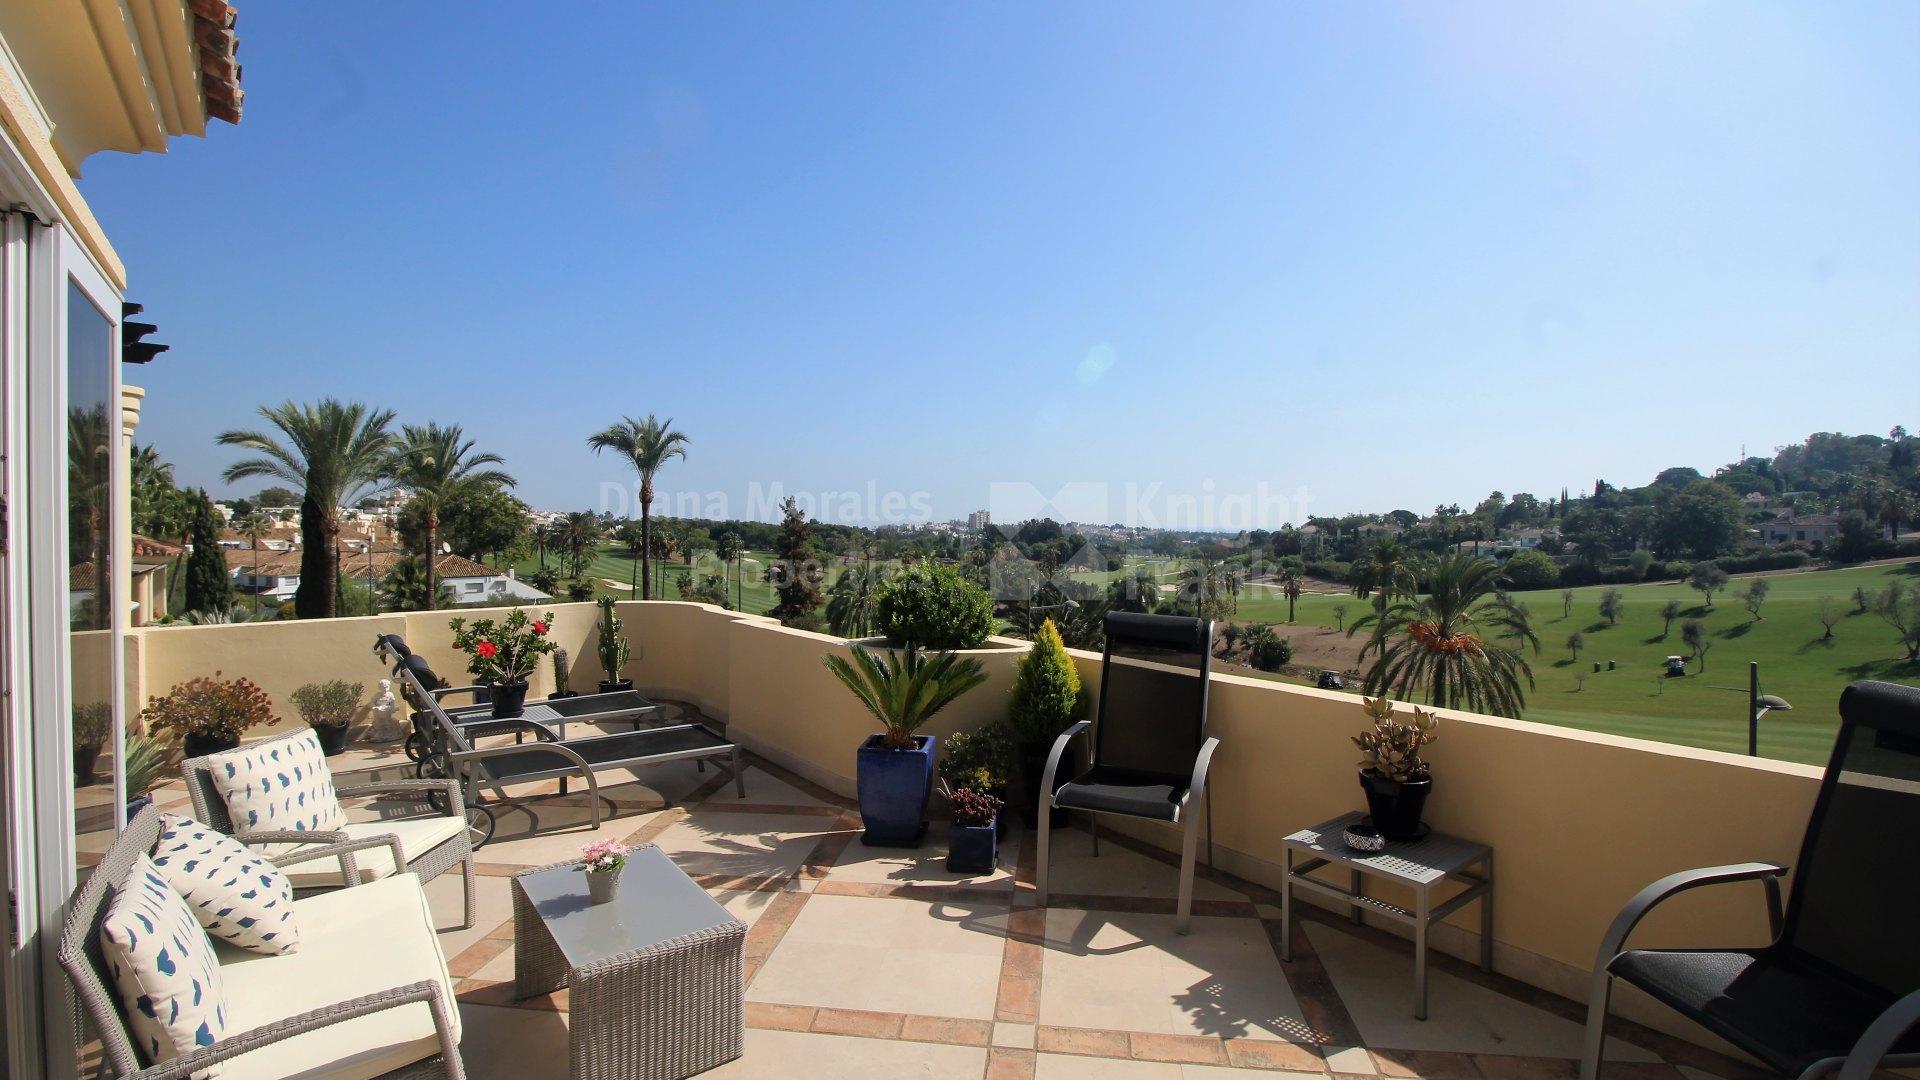 Absolute Luxury - Apartment for sale in Las Alamandas, Nueva Andalucia